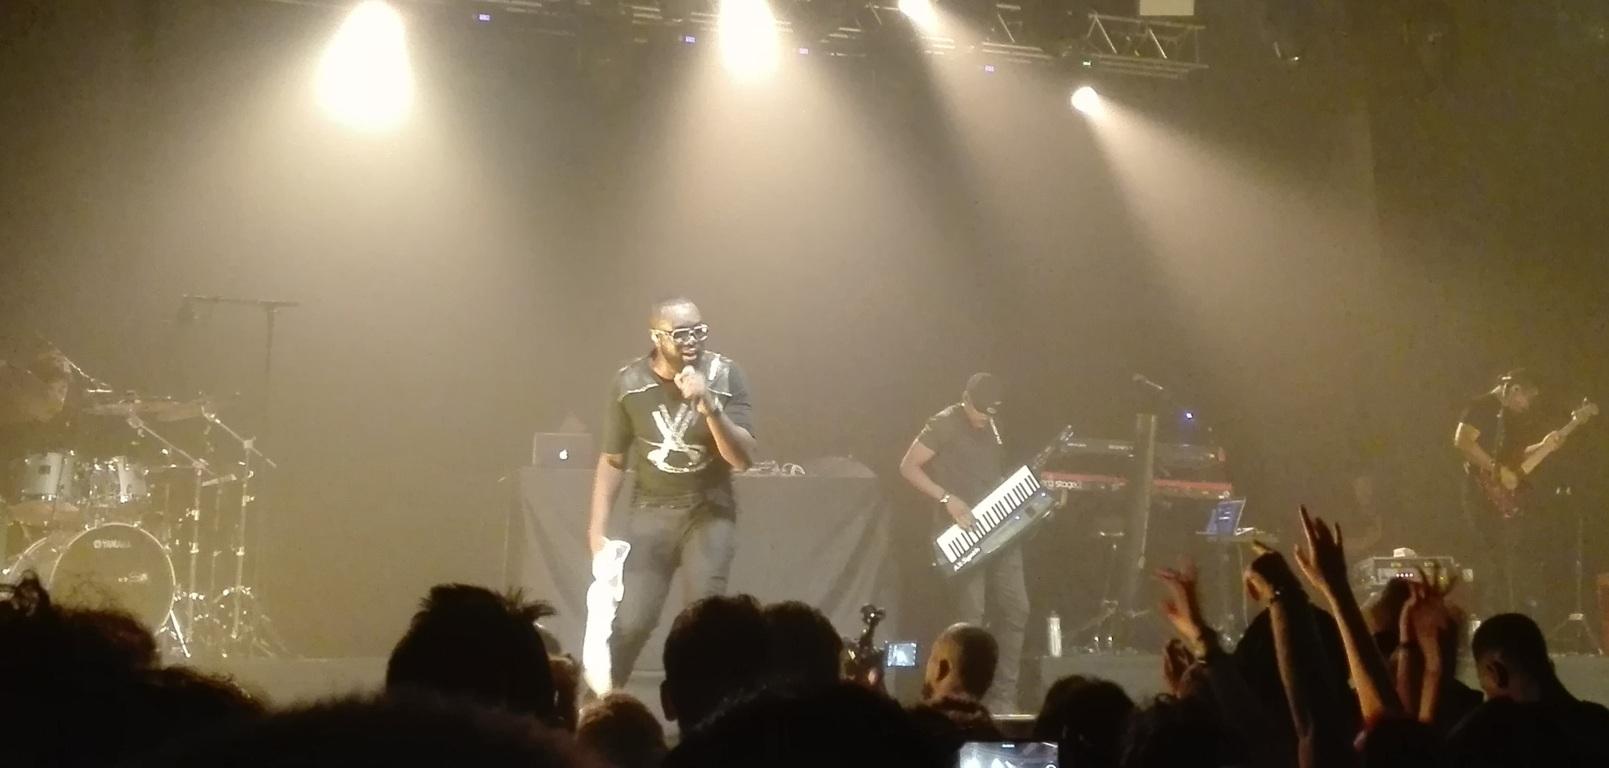 Maitre Gims a Milano: occhiali scuri, ritmi hip hop e un concerto che fa scatenare il Fabrique – VIDEO